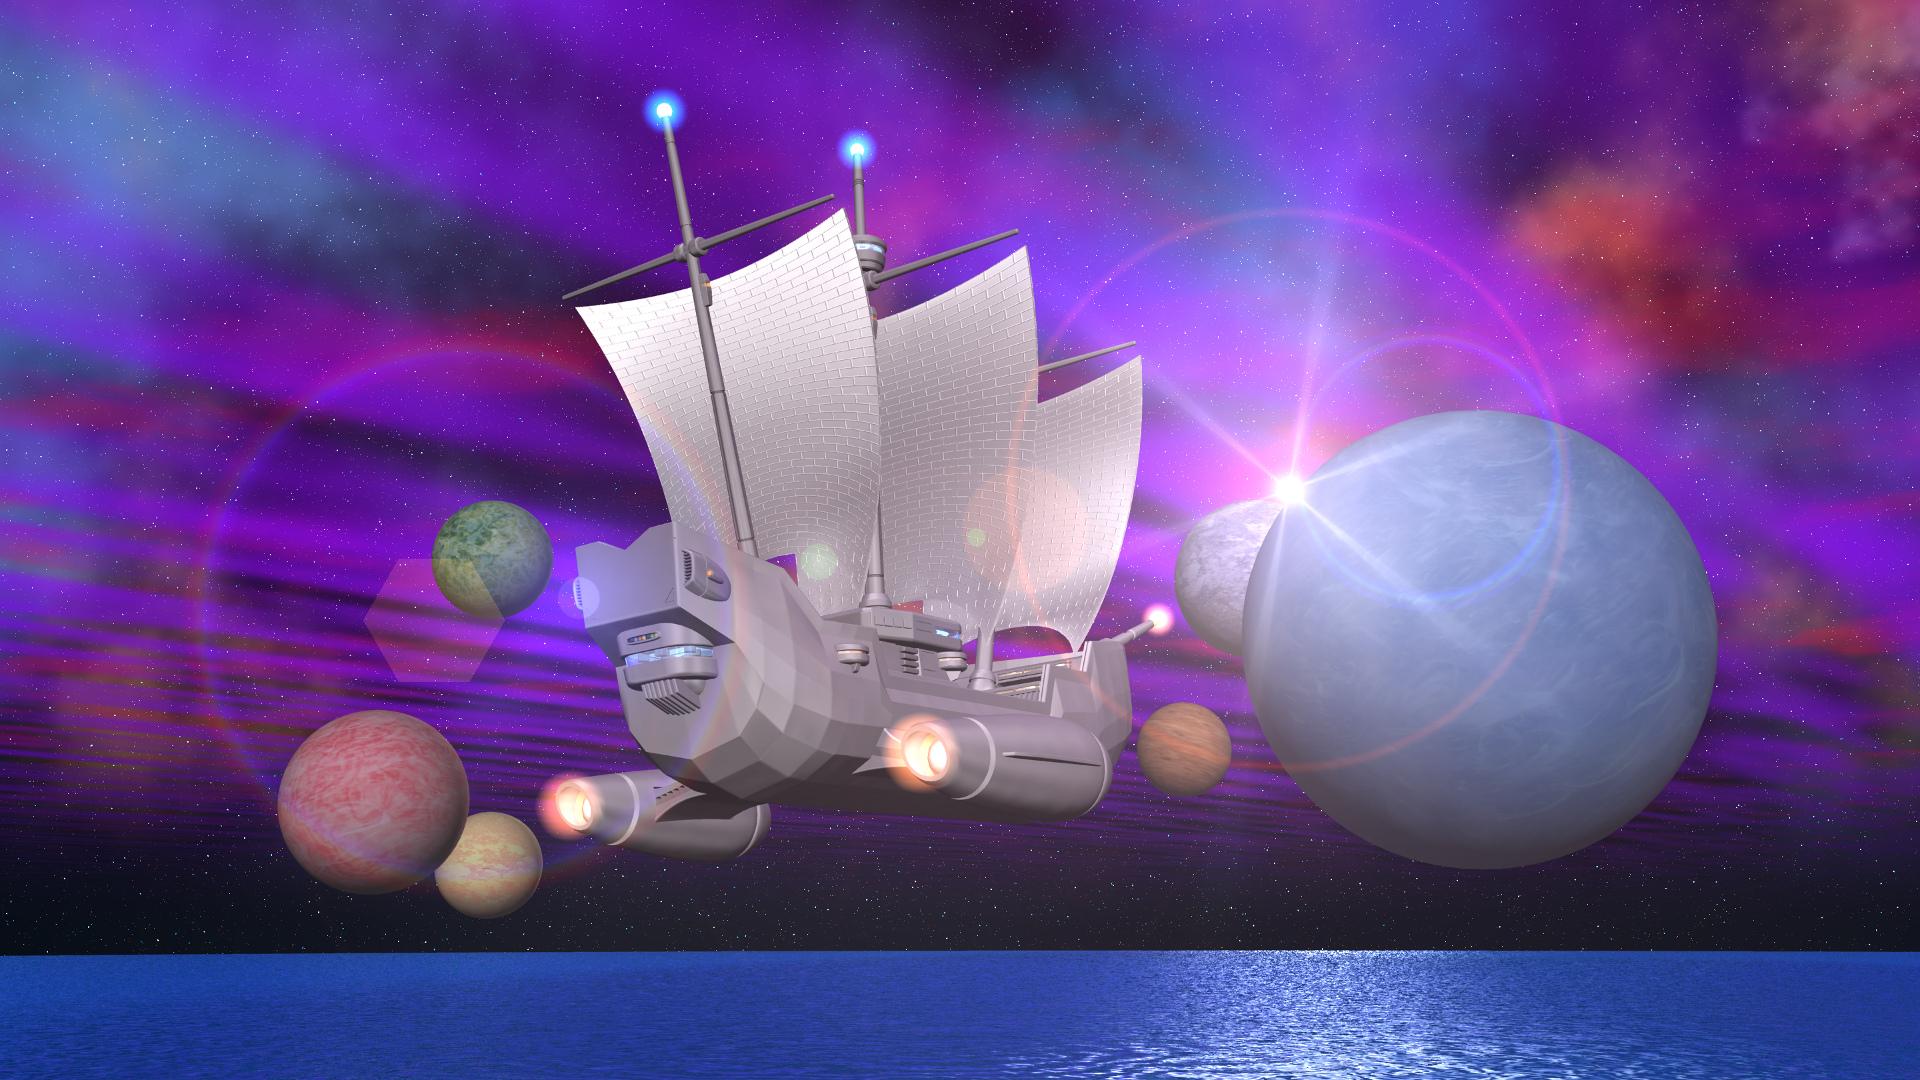 2019年9月 宇宙帆船StarMariaと惑星と海